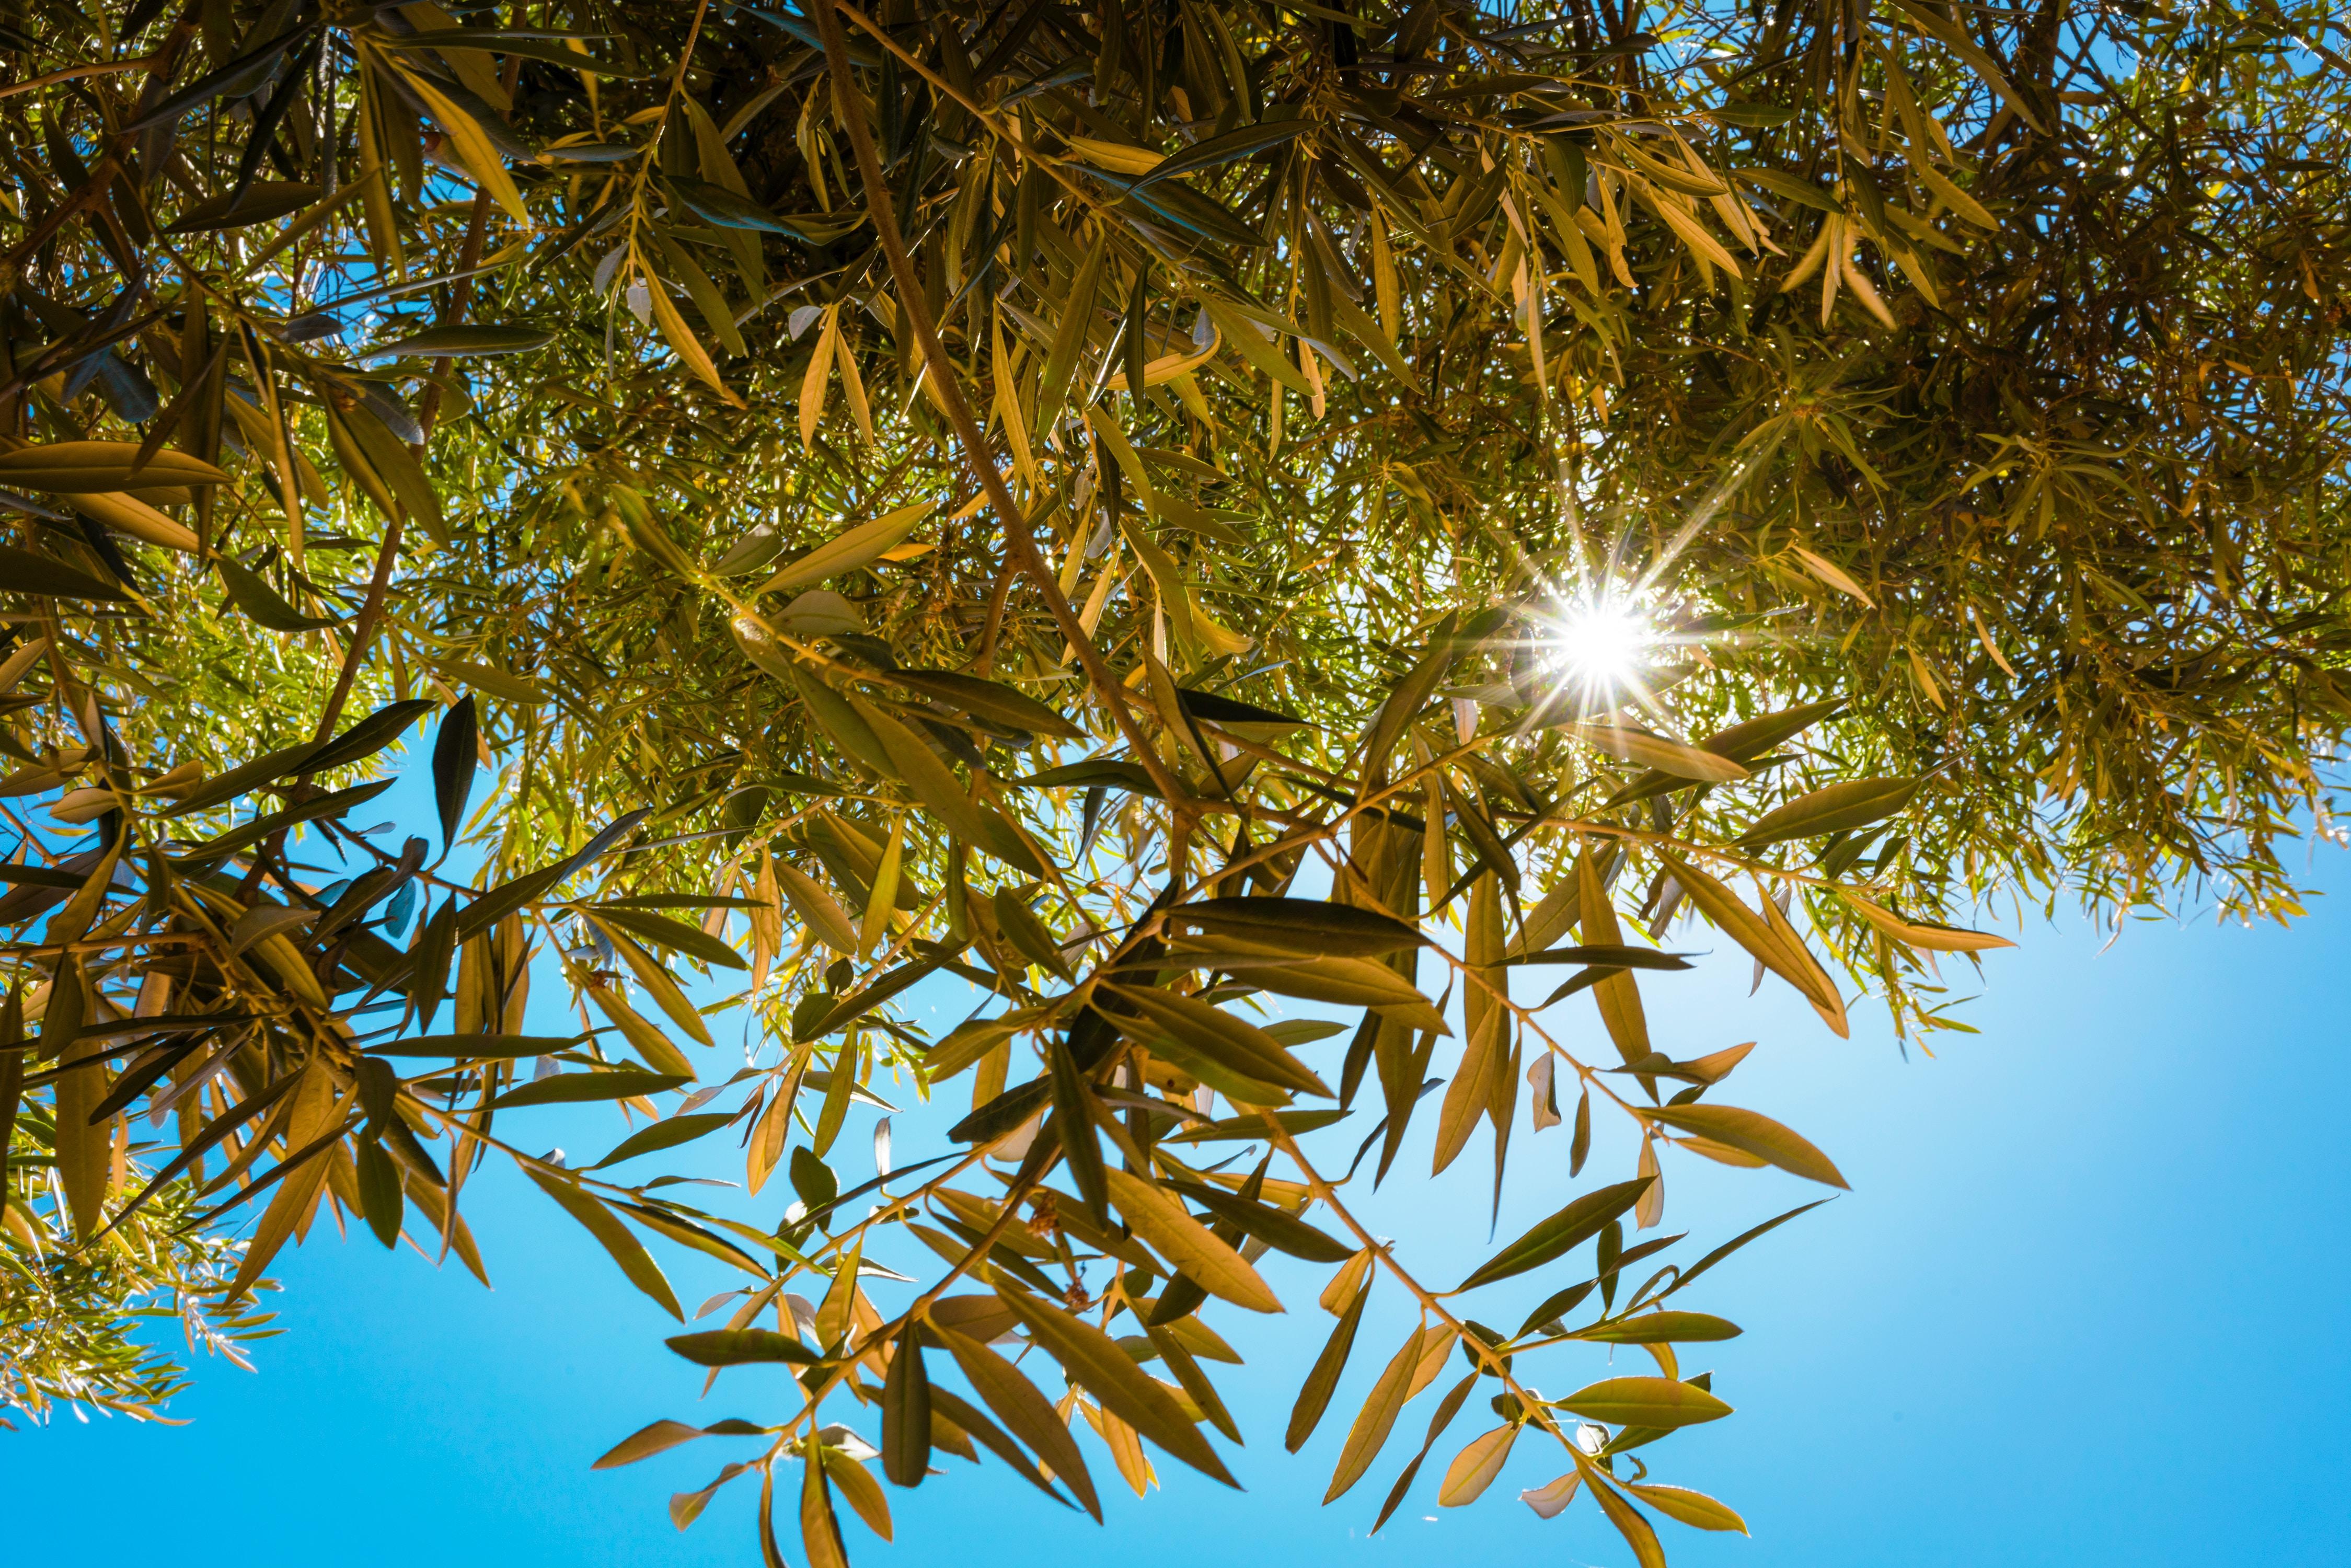 90866壁紙のダウンロード自然, 日光, ブランチ, 枝, ビーム, 光線, スカイ-スクリーンセーバーと写真を無料で